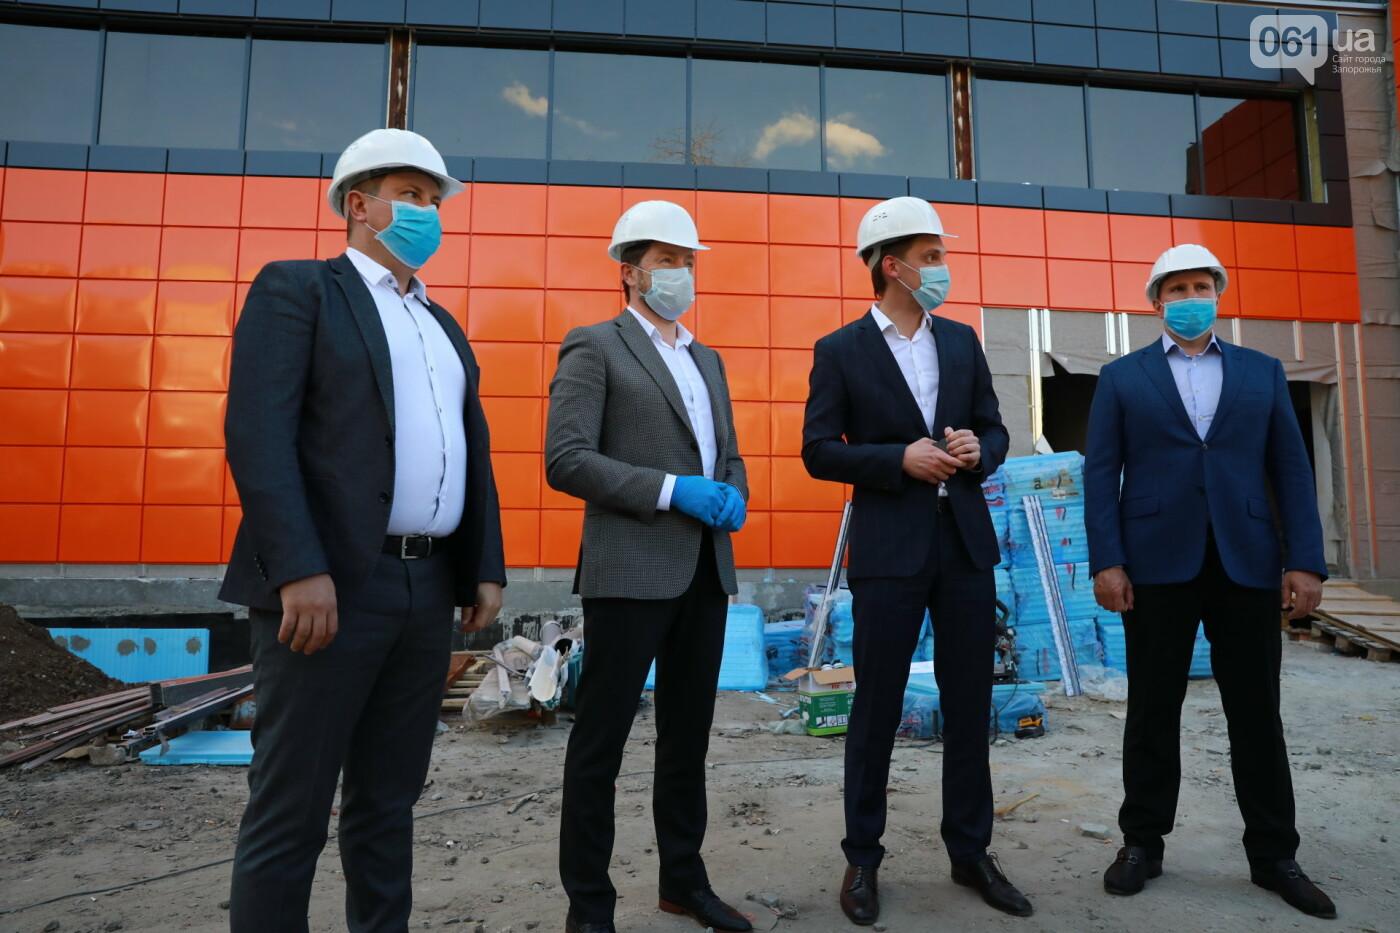 В Мелитополе полным ходом идет строительство водно-спортивного комплекса на 78 миллионов, - ФОТО, фото-2